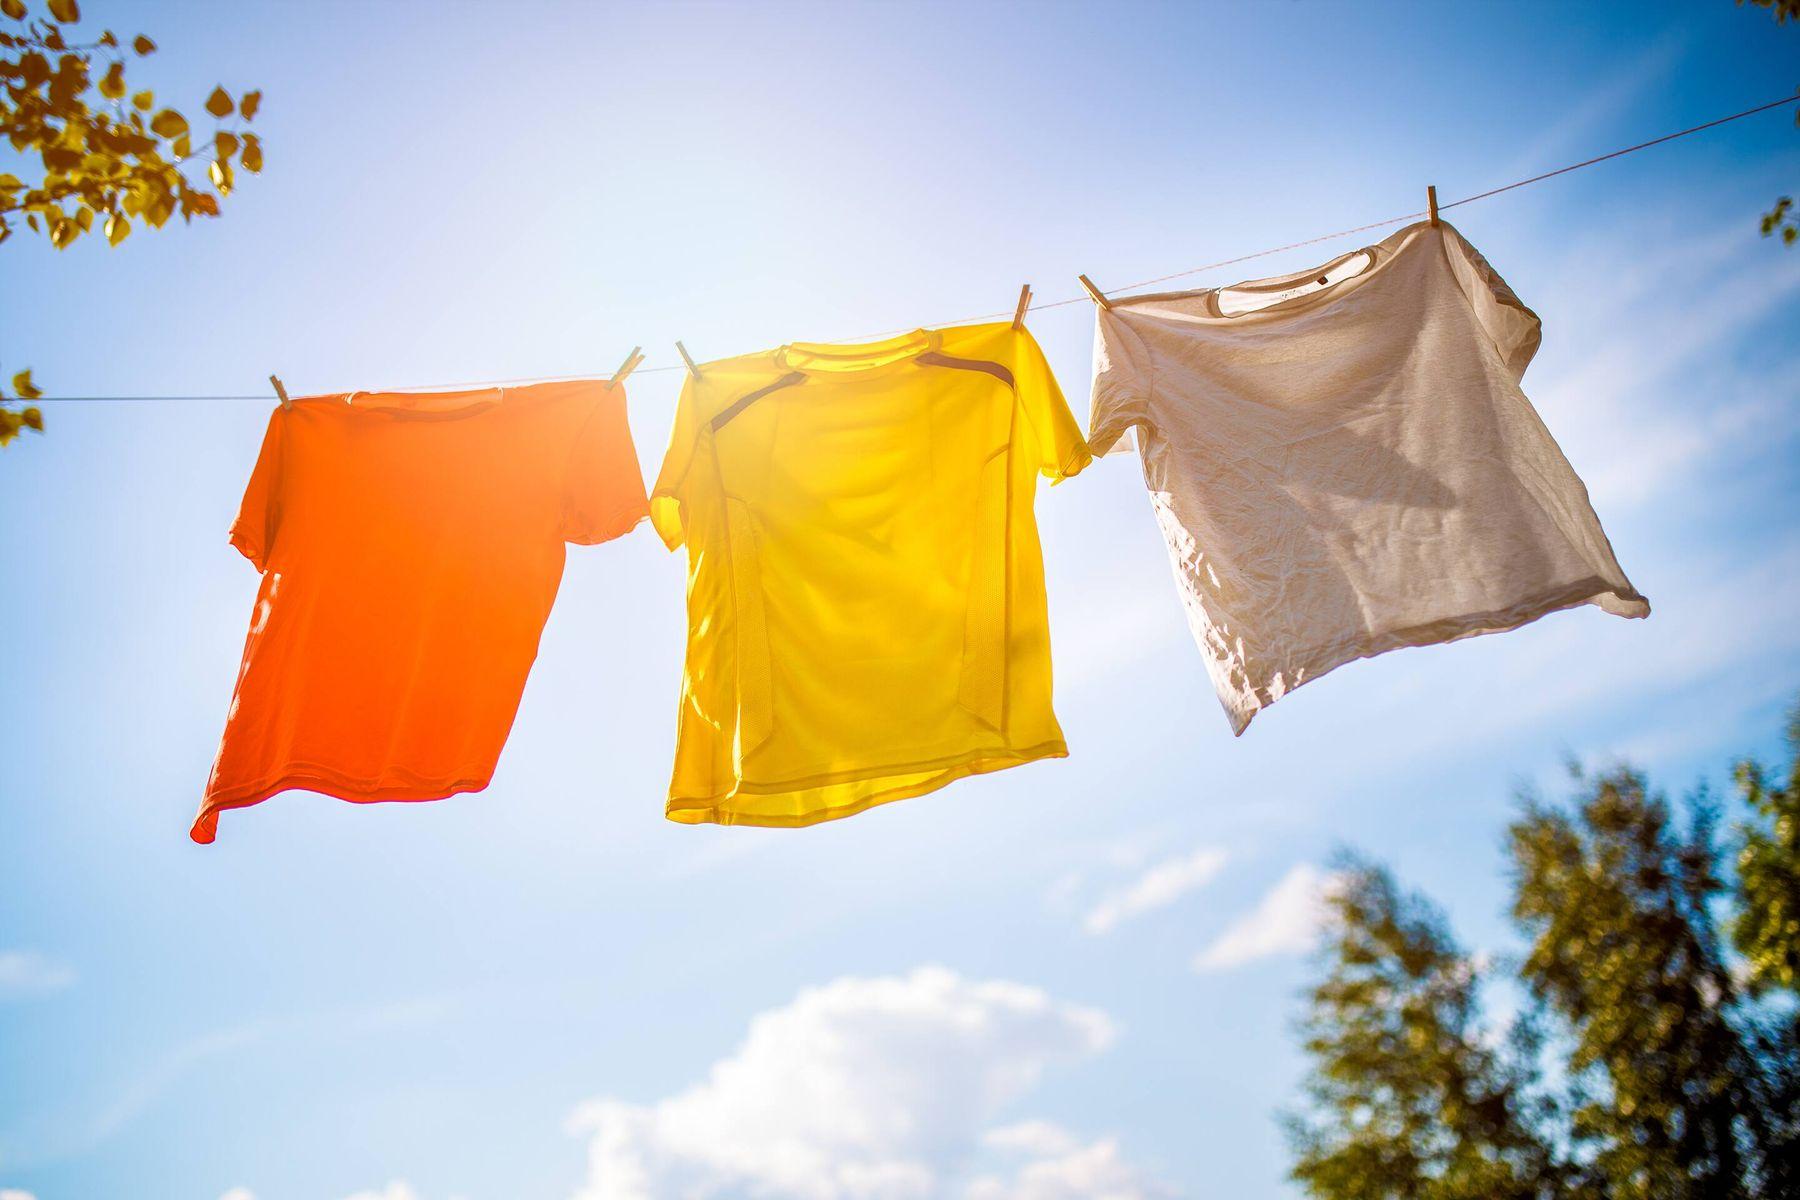 Açık havada kuruyan renkli çamaşırlar